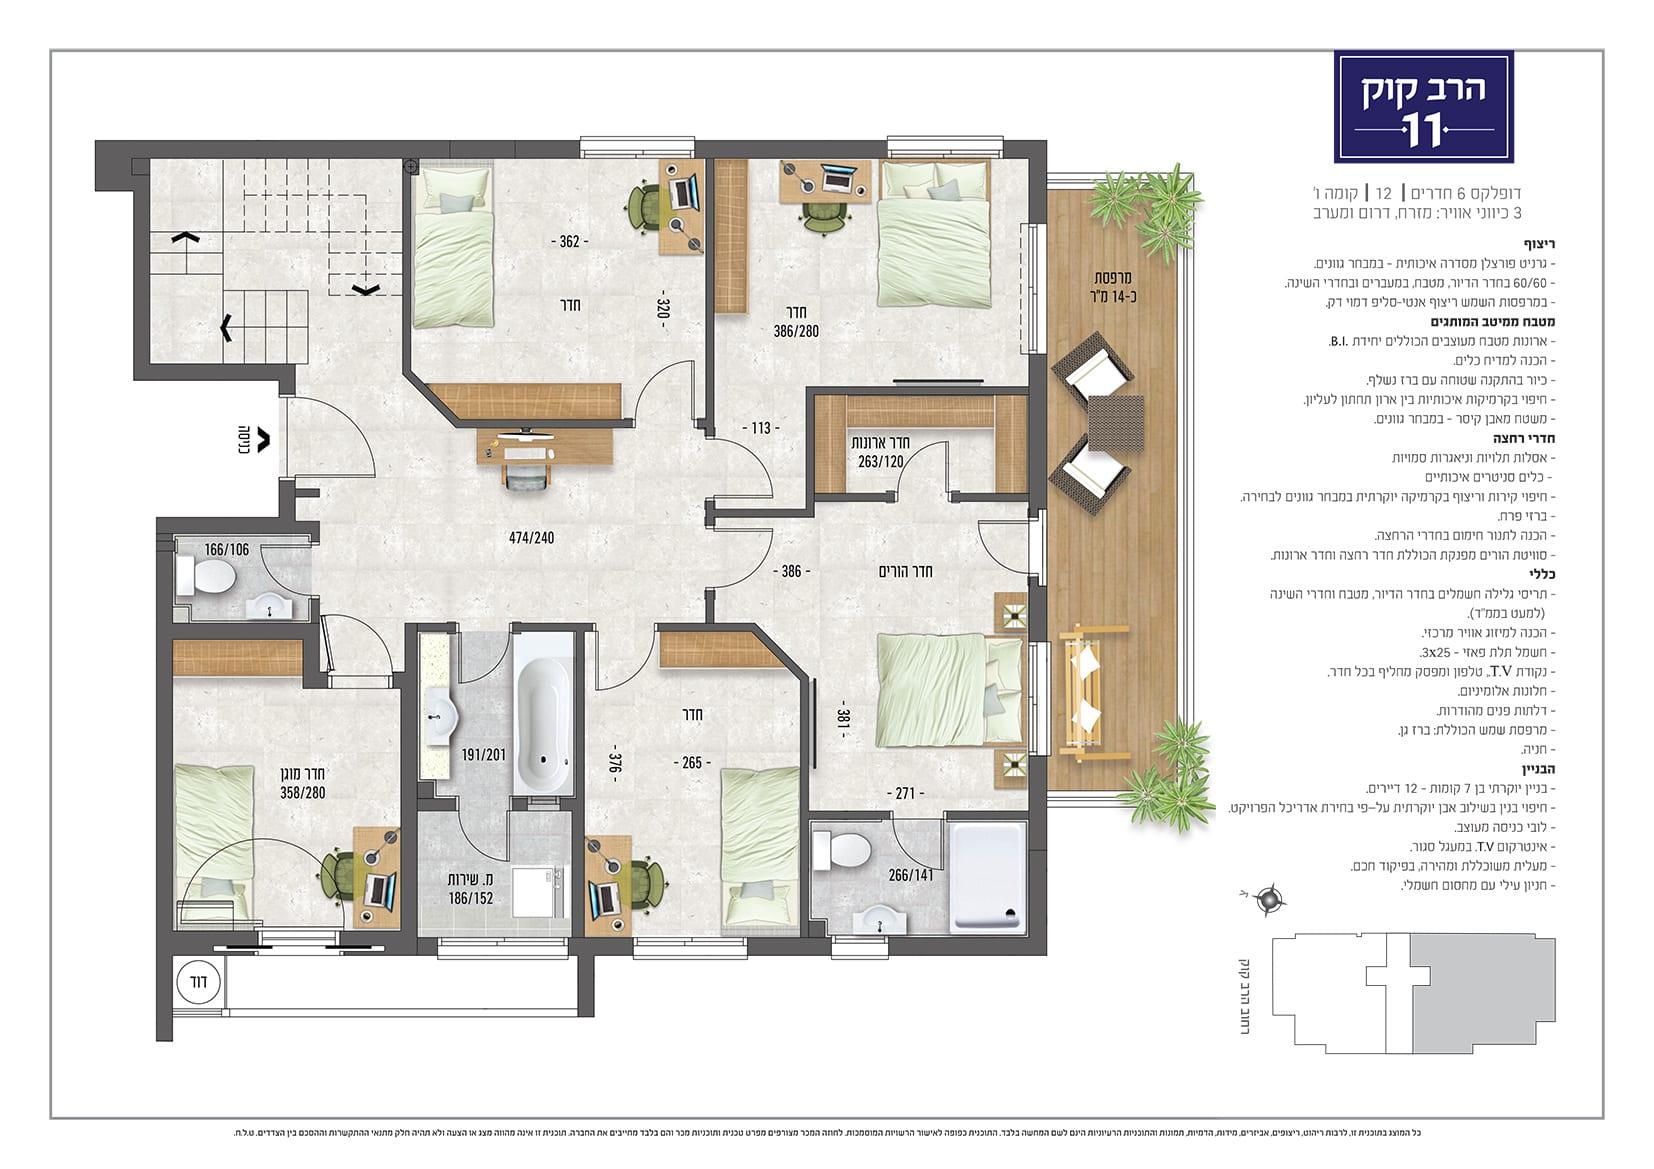 דופלקס 6 חדרים, קומה 6 - מספר 12